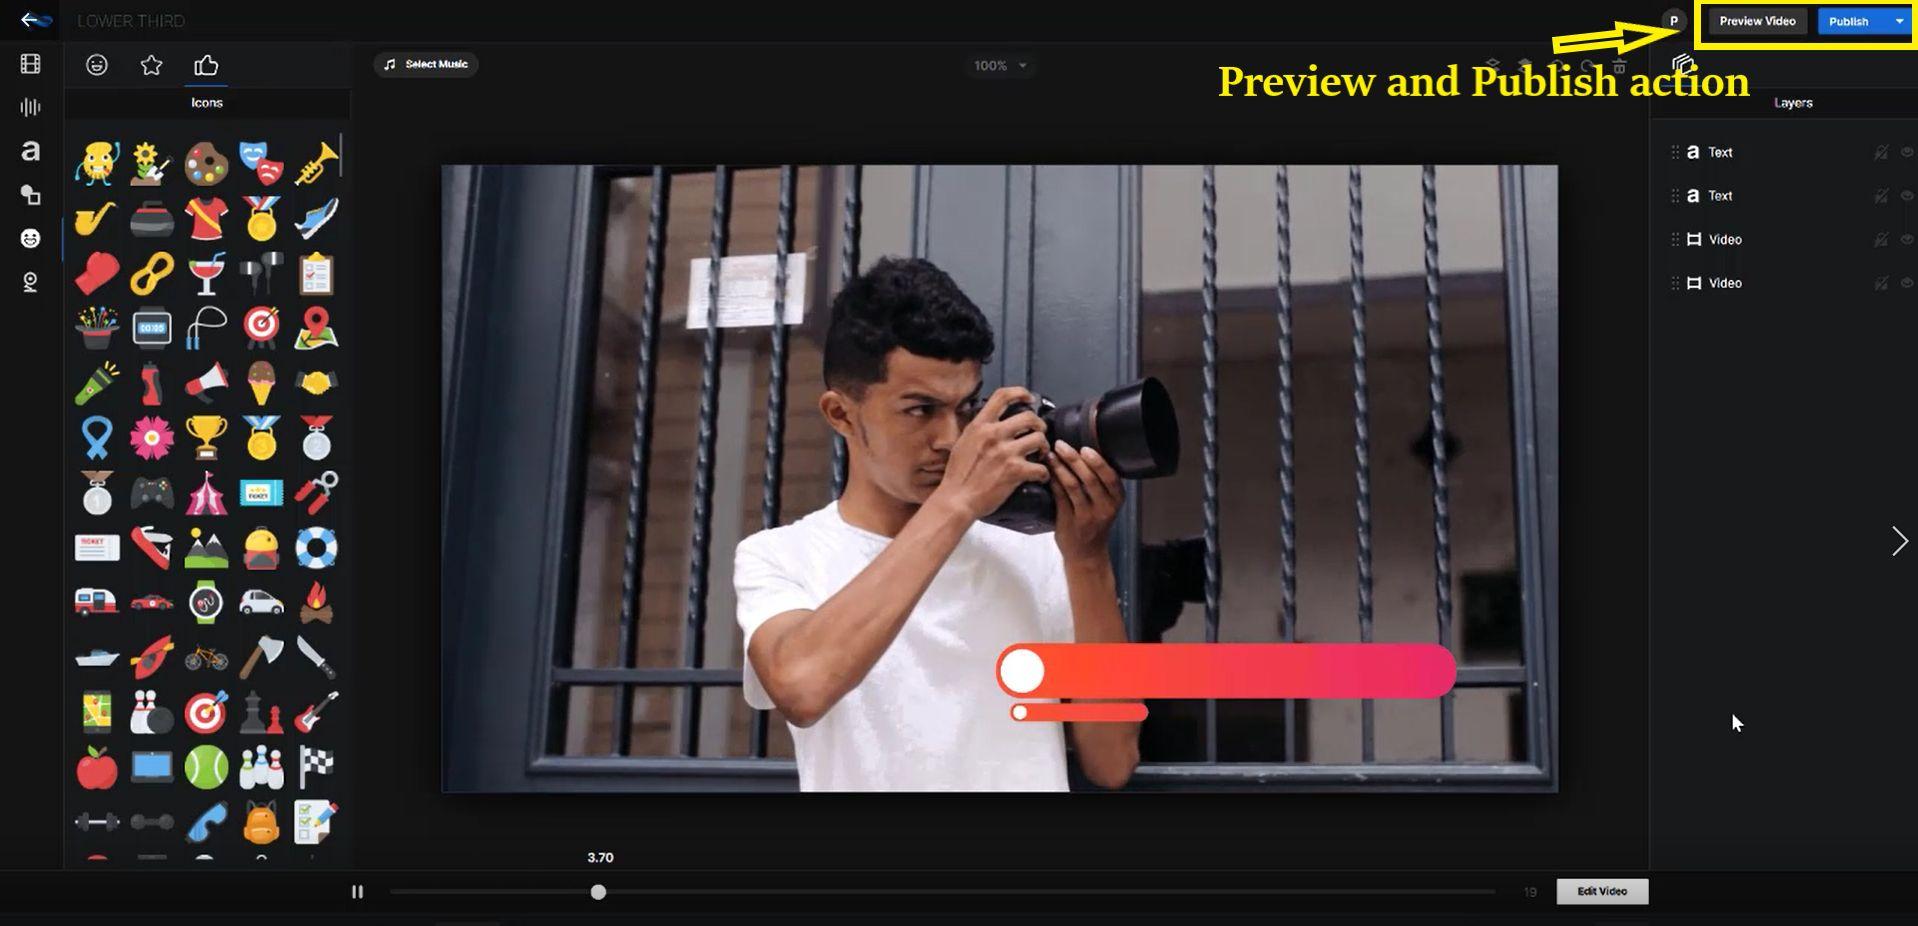 Video-Flow-Preview&publish